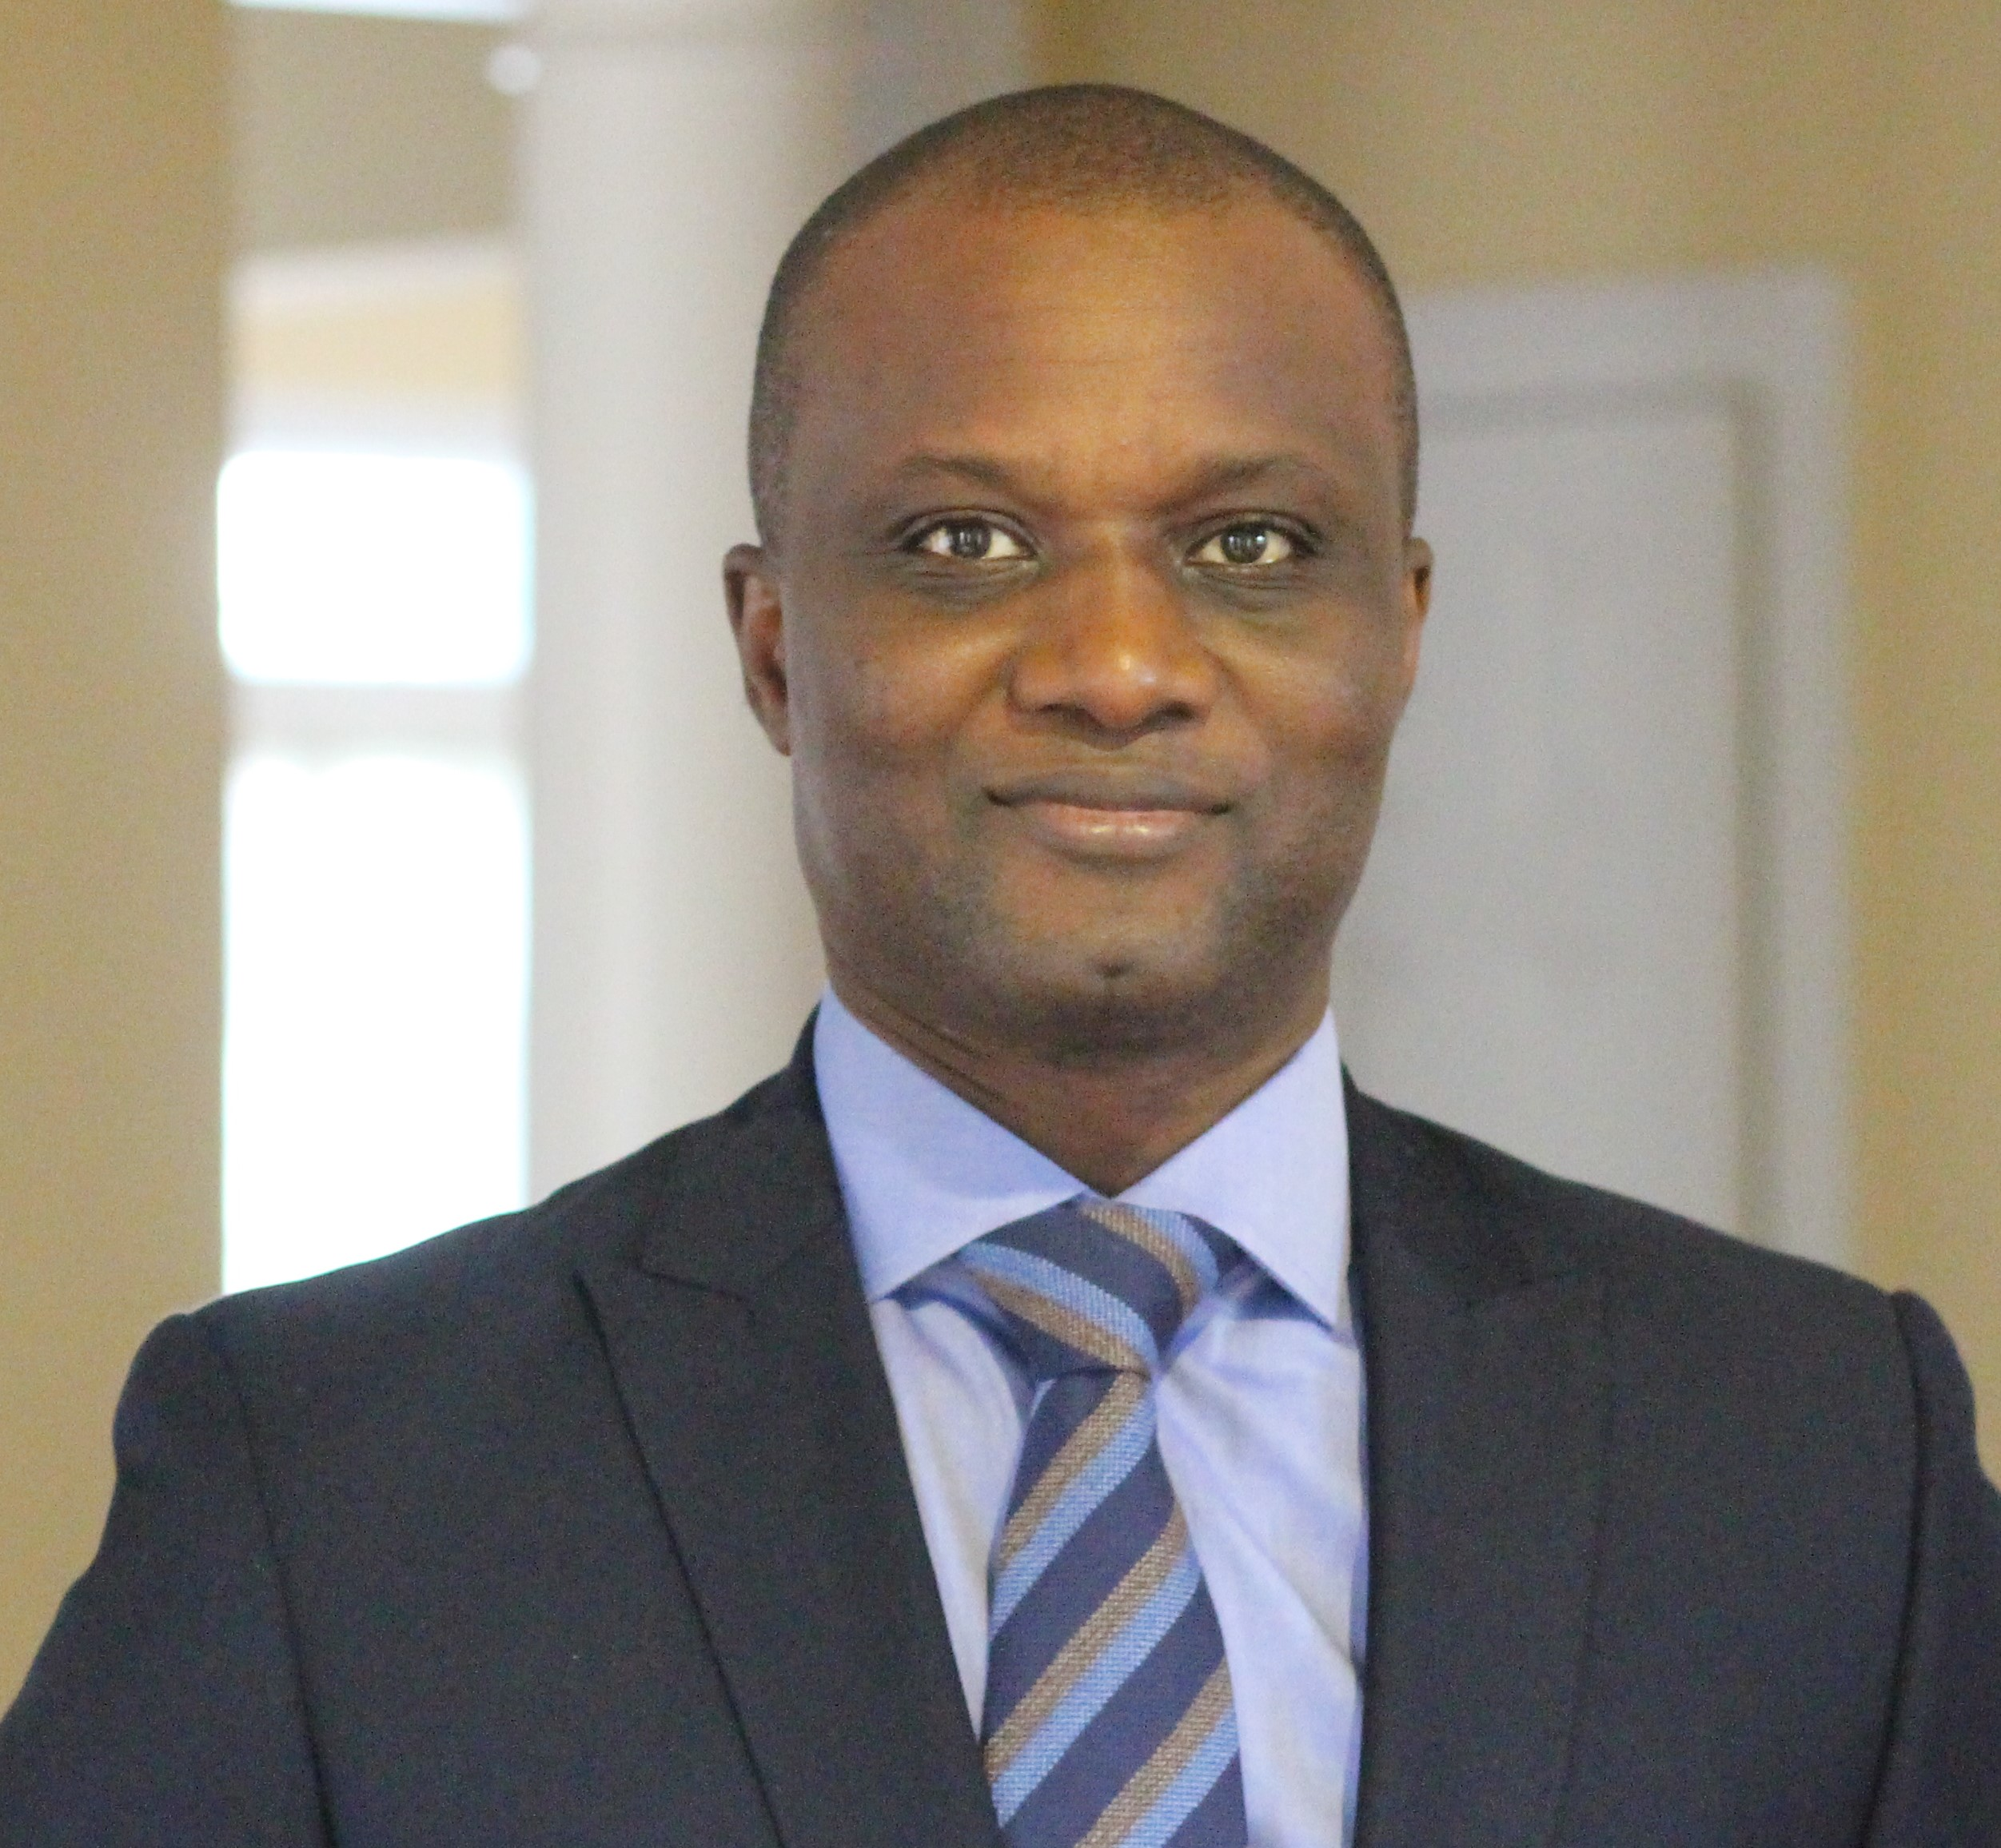 Politique Monétaire de la BCEAO: Régionale ou Ivoirienne ?